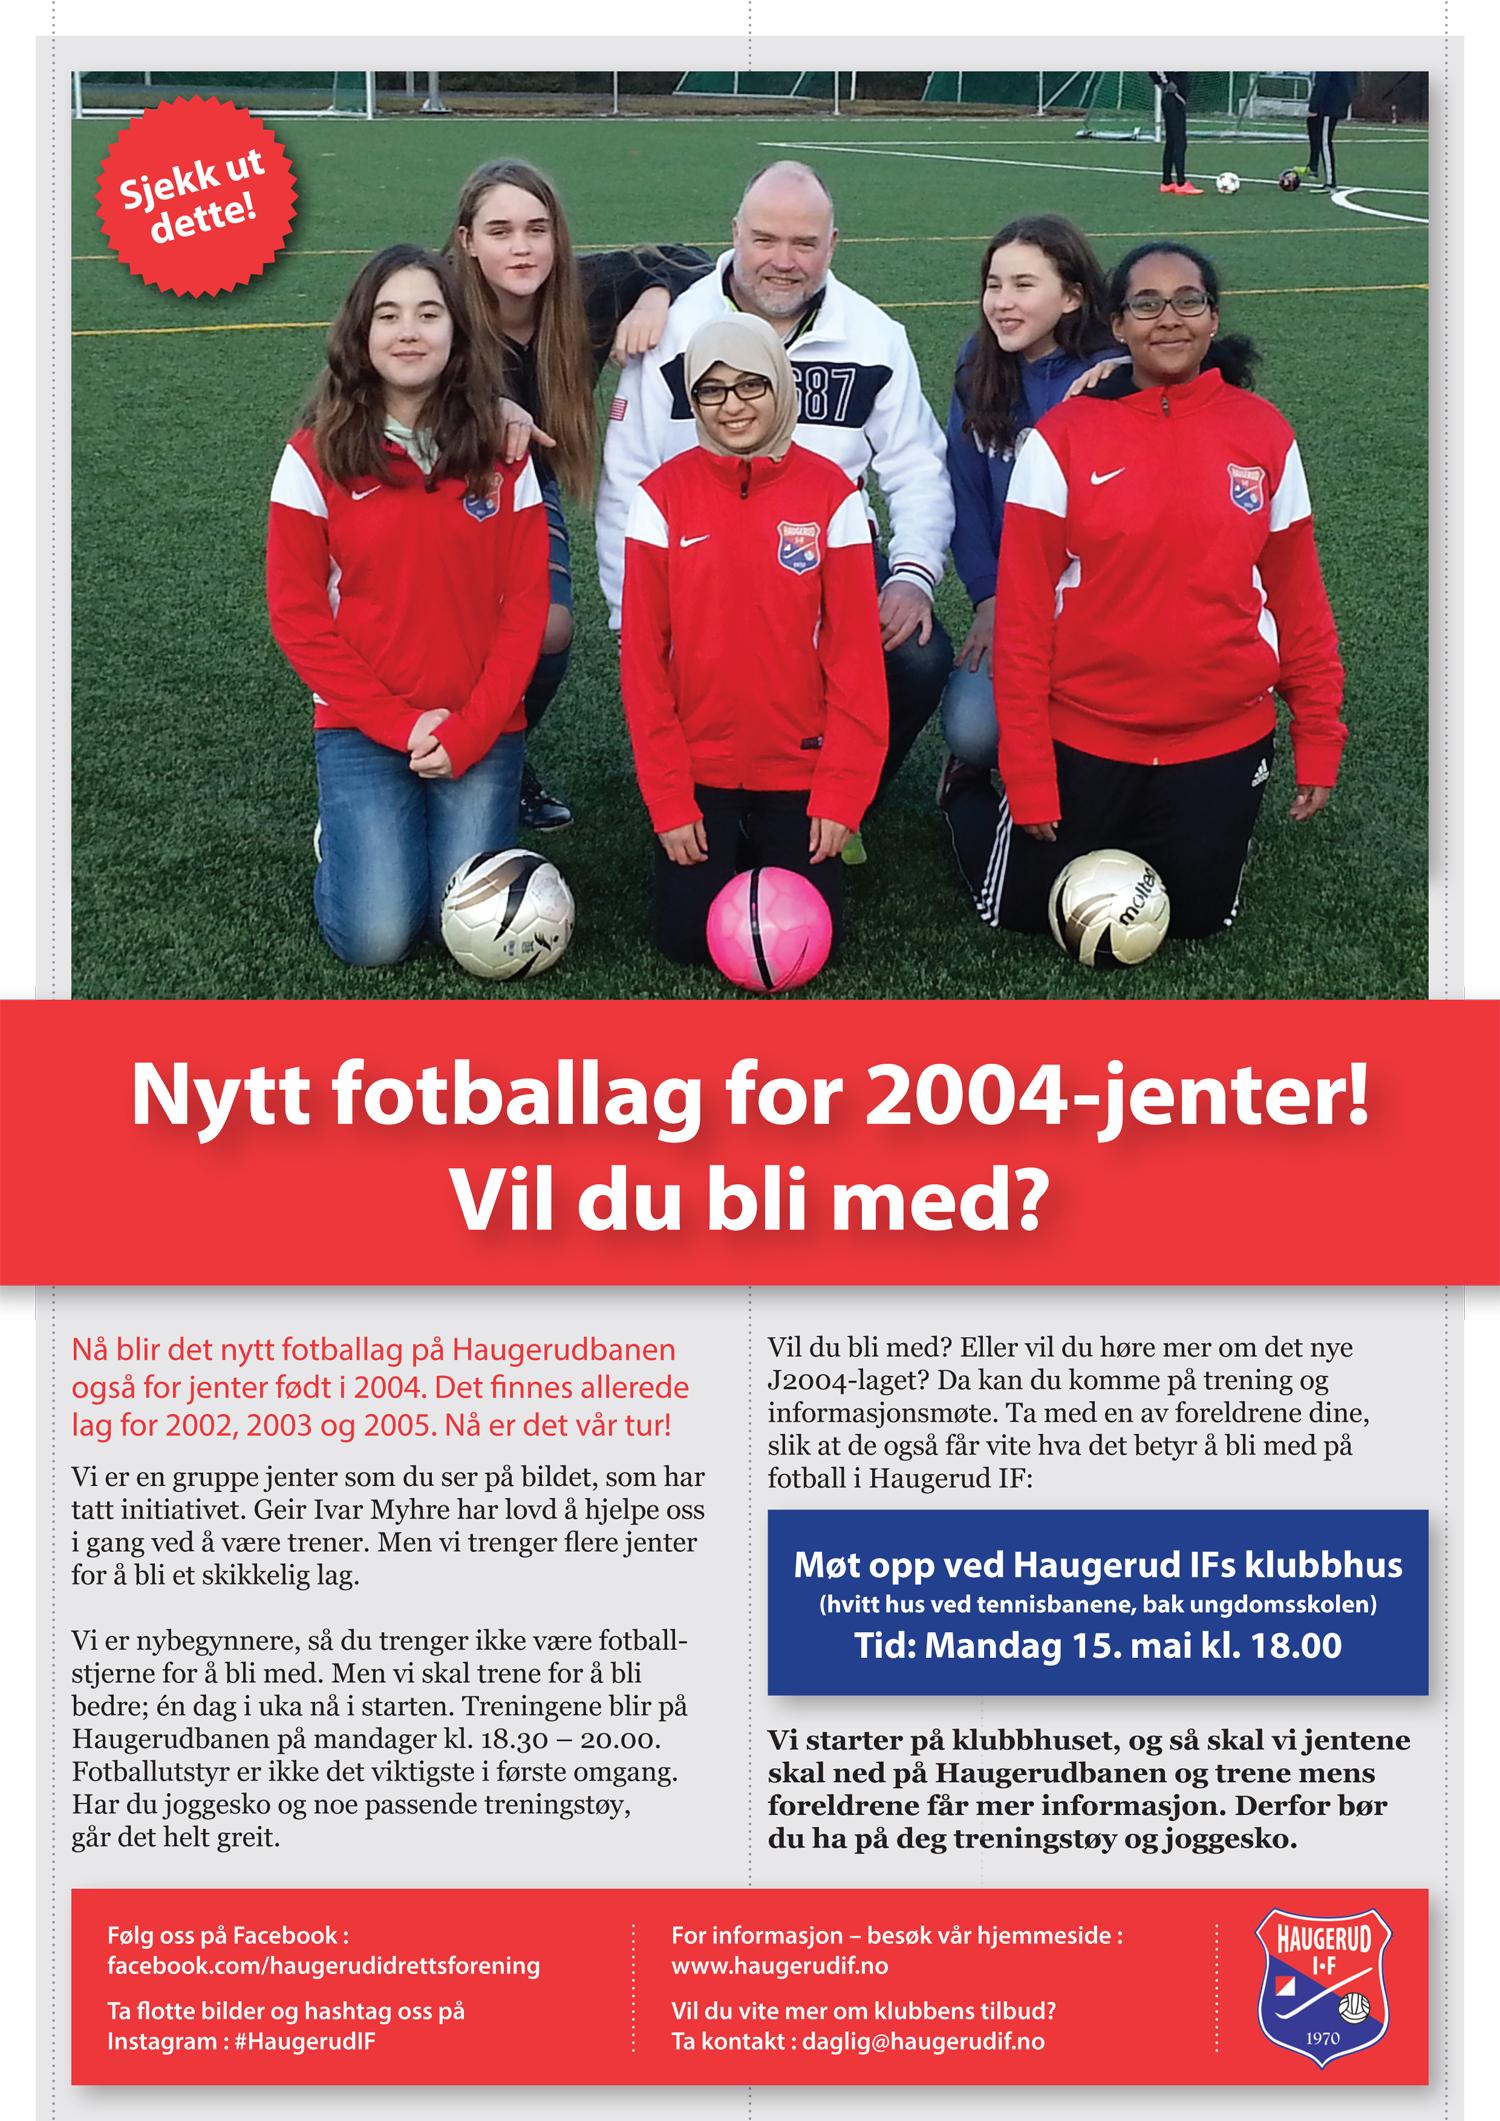 HIF-Løpeseddel-Nytt_fotballag J2004 - 1500p